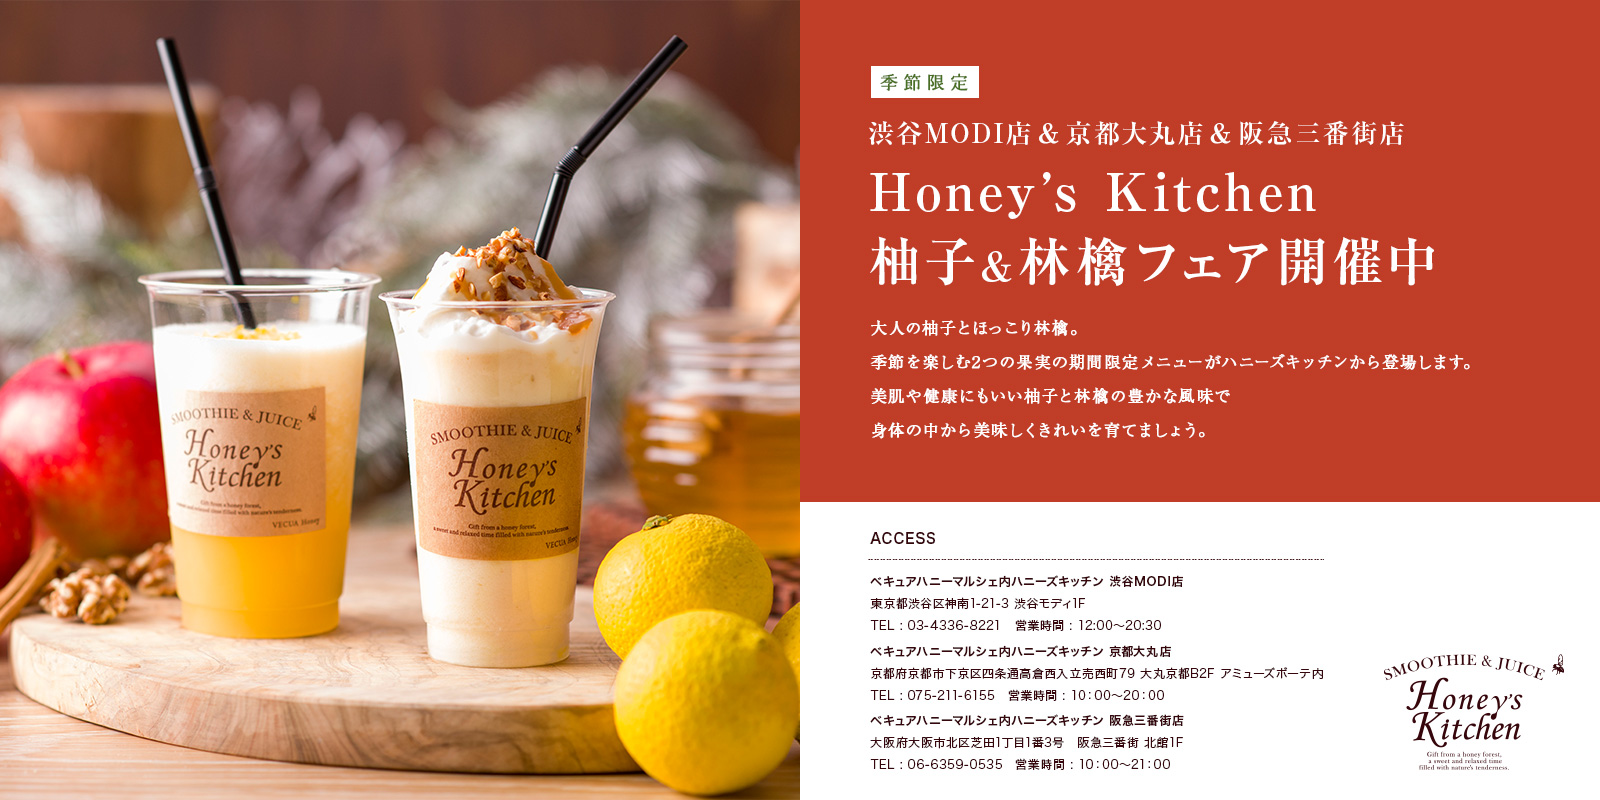 季節限定 渋谷MODI店&京都大丸店&阪急三番街店 Honey's Kitchen 柚子&林檎フェア開催中